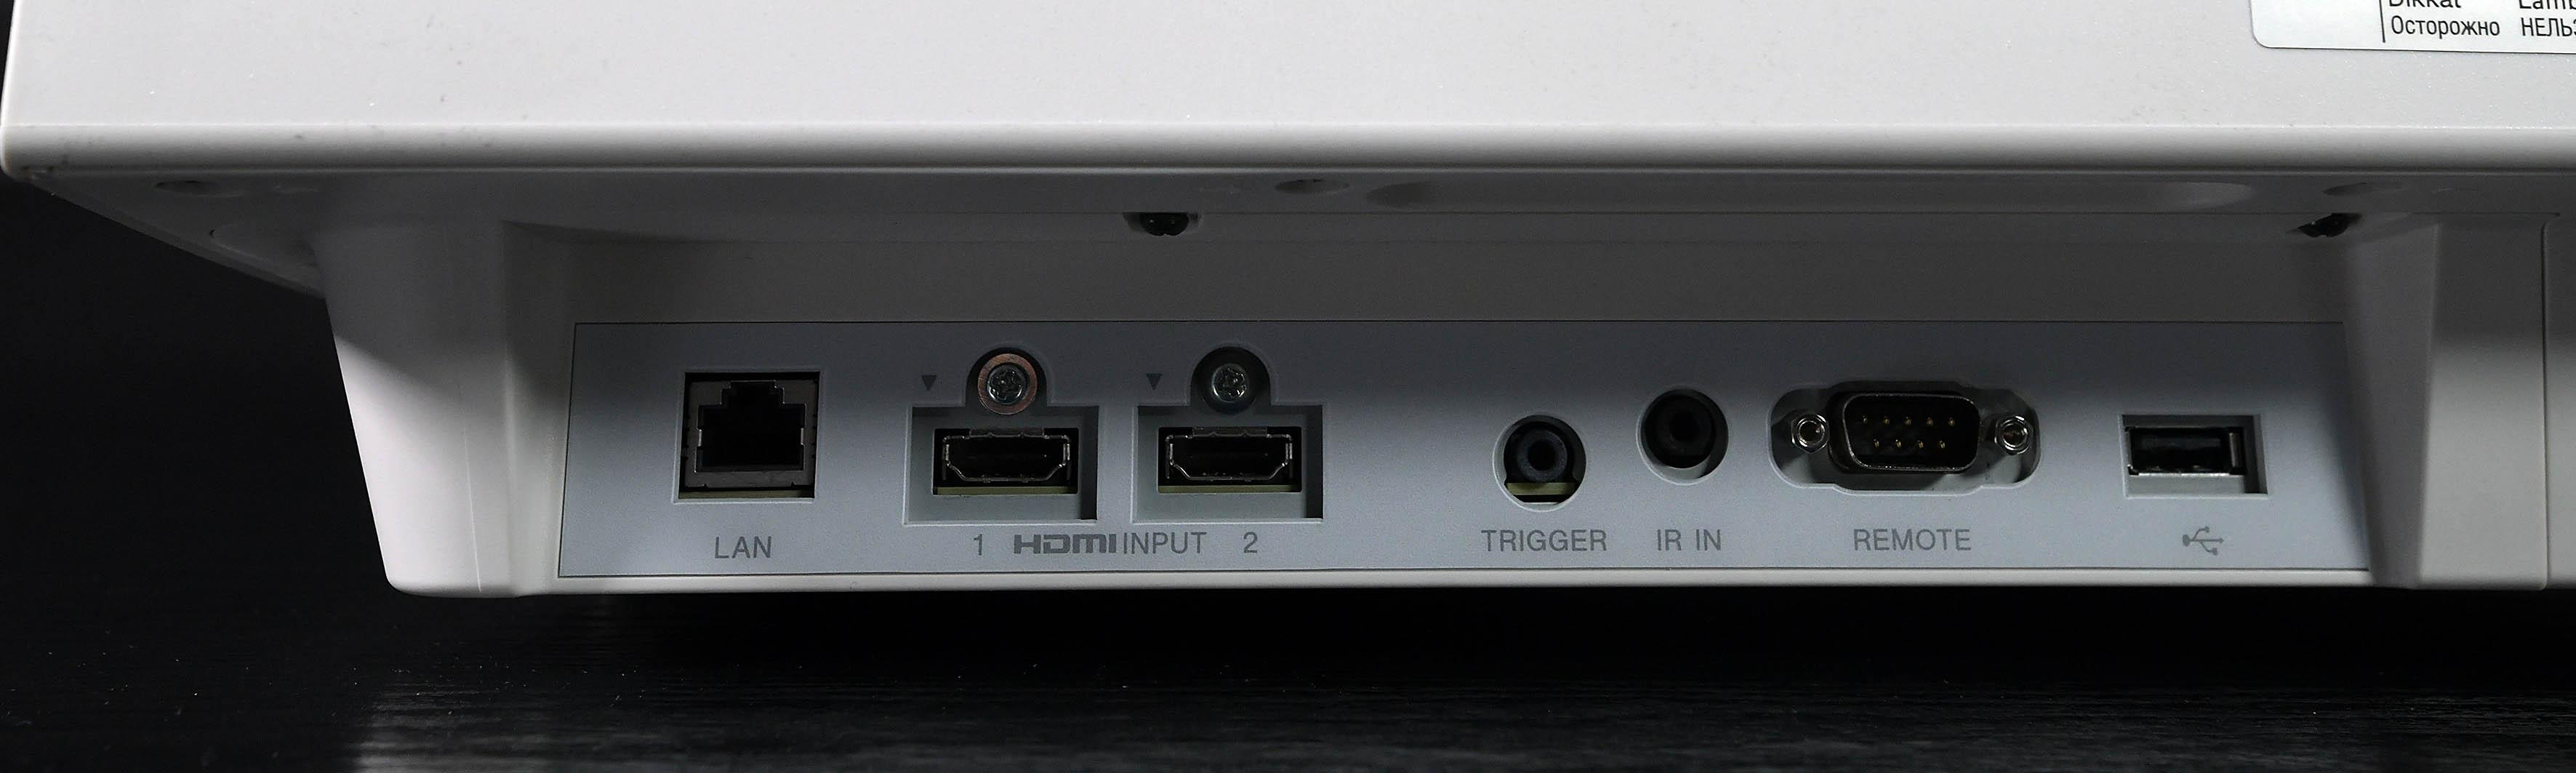 Foto: Michael B. Rehders Alle Anschlüsse befinden sich traditionell an der Seite. Zwei HDMI-Eingänge können verwendet werden, um AV-Receiver und einen 4K-Blu-ray-Player anzuschließen.